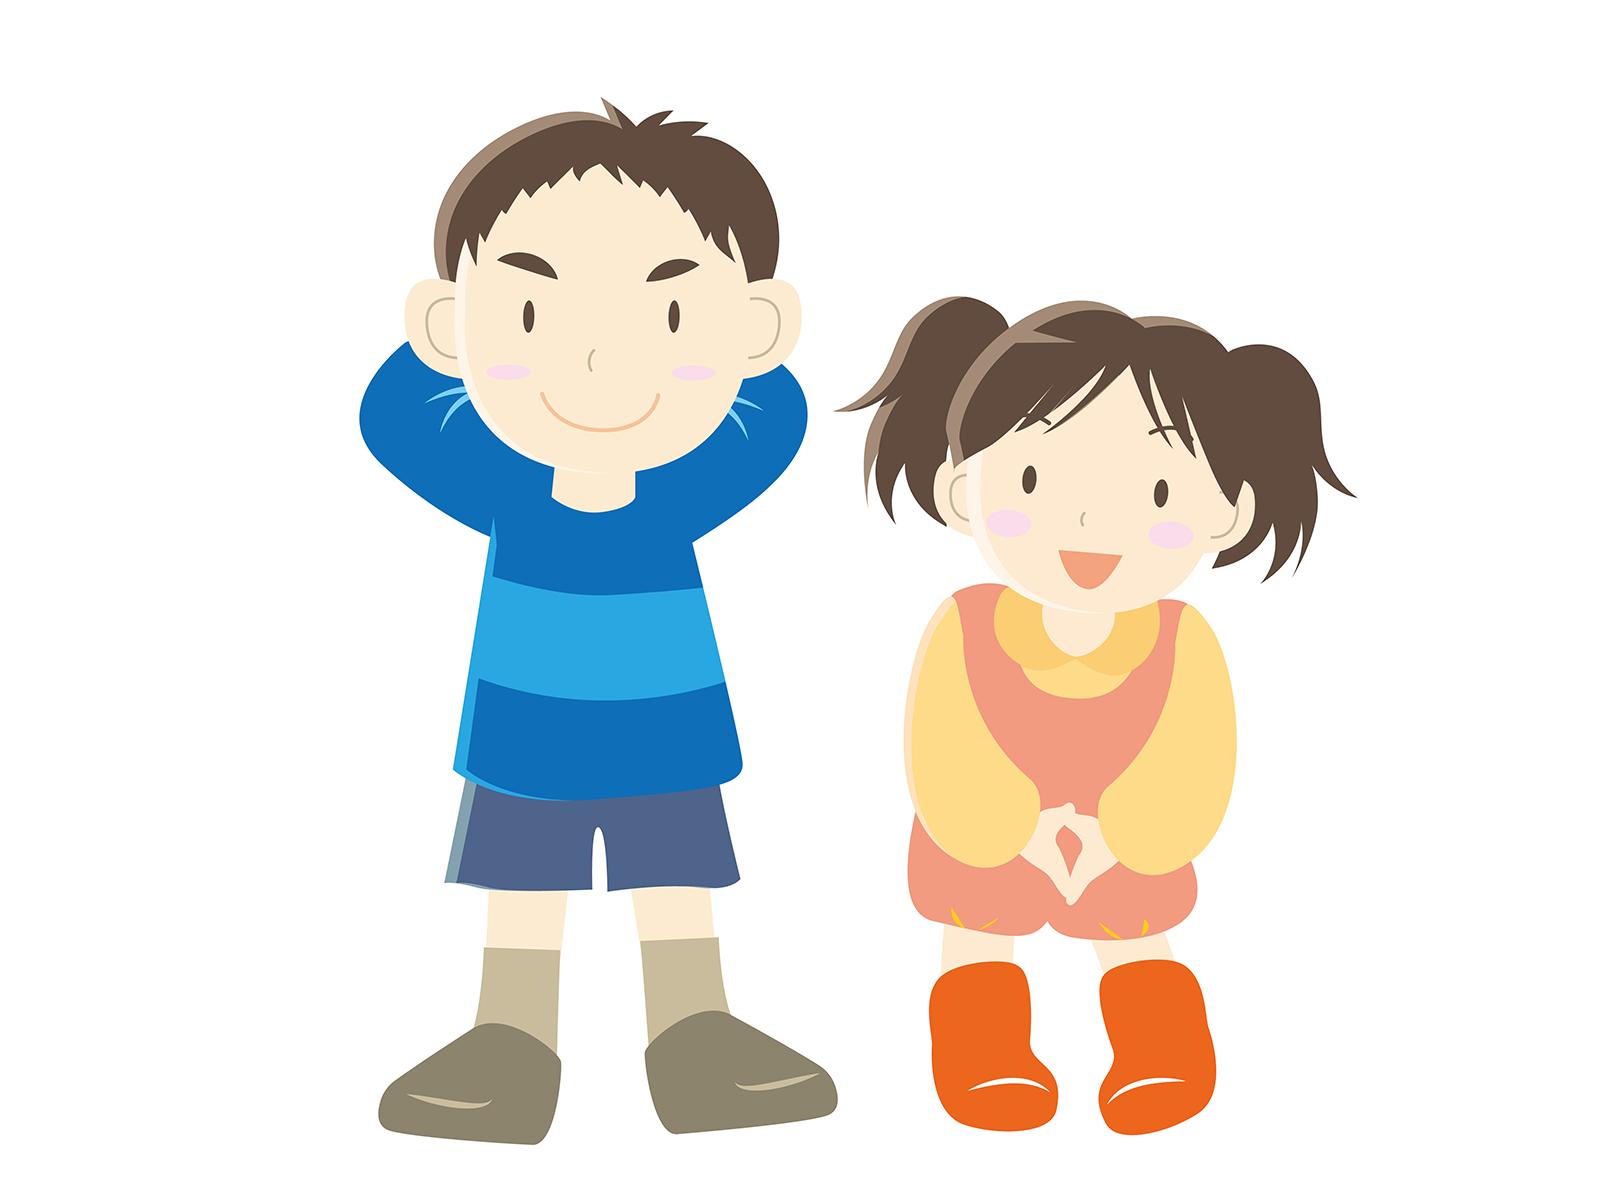 発達障害の兄弟間の関係。妹の事でぼくがバカにされるのは嫌